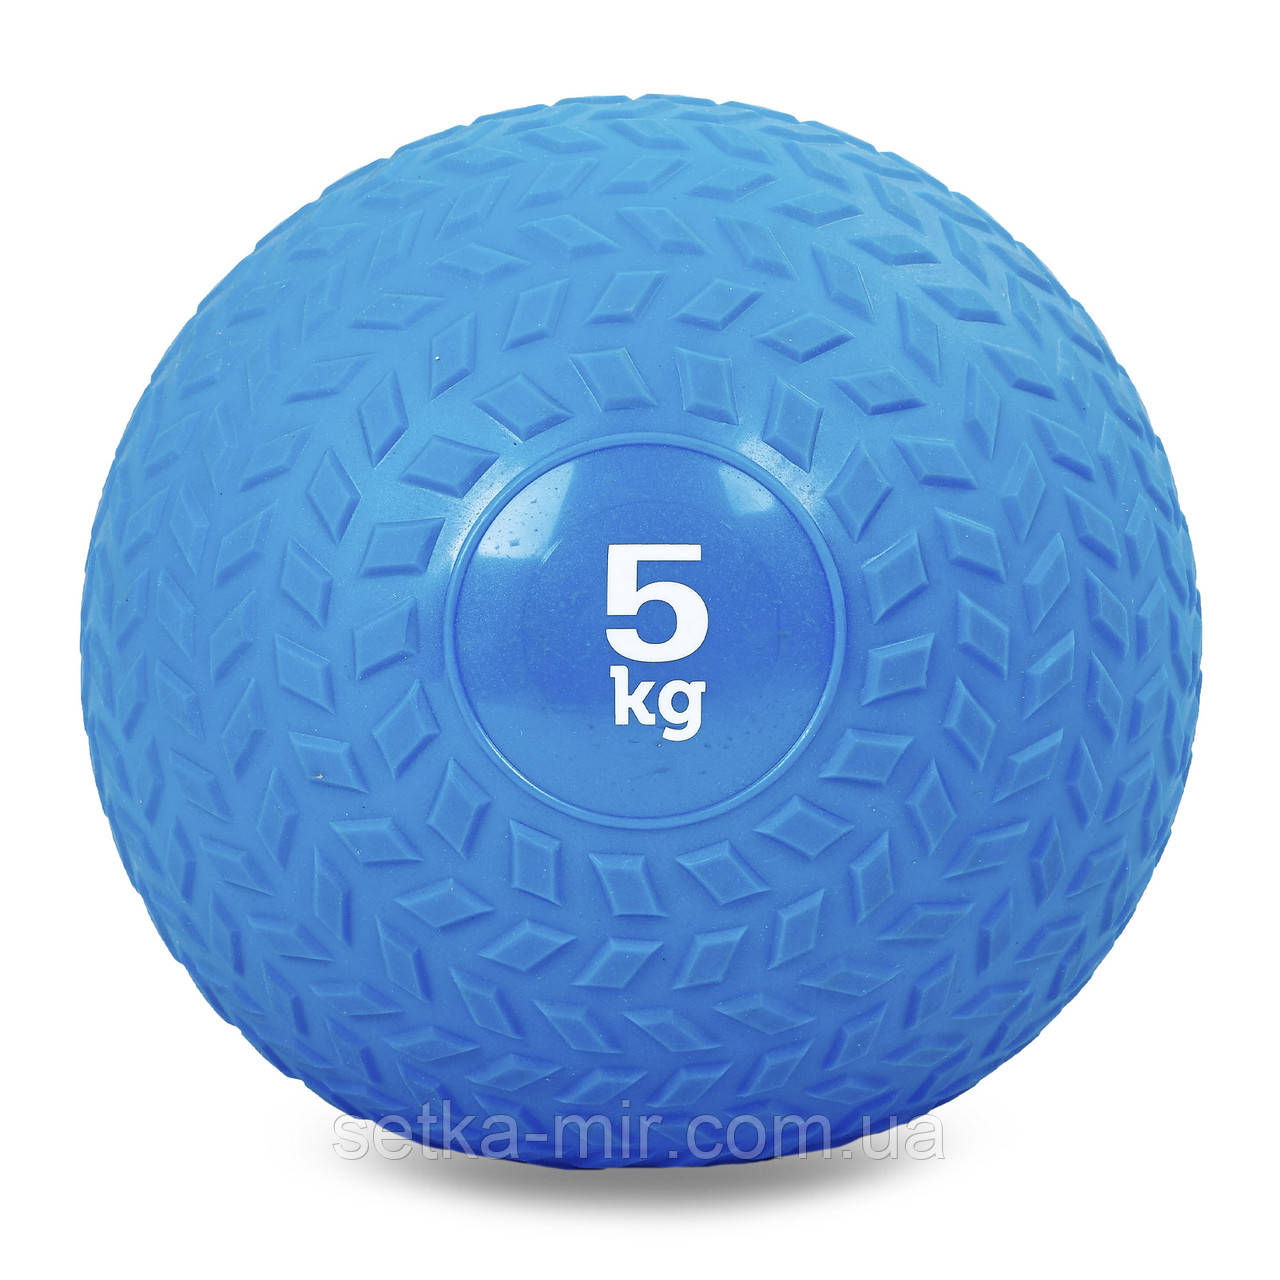 М'яч набивної слембол для кроссфіта рифлений Record SLAM BALL FI-5729-5 5кг